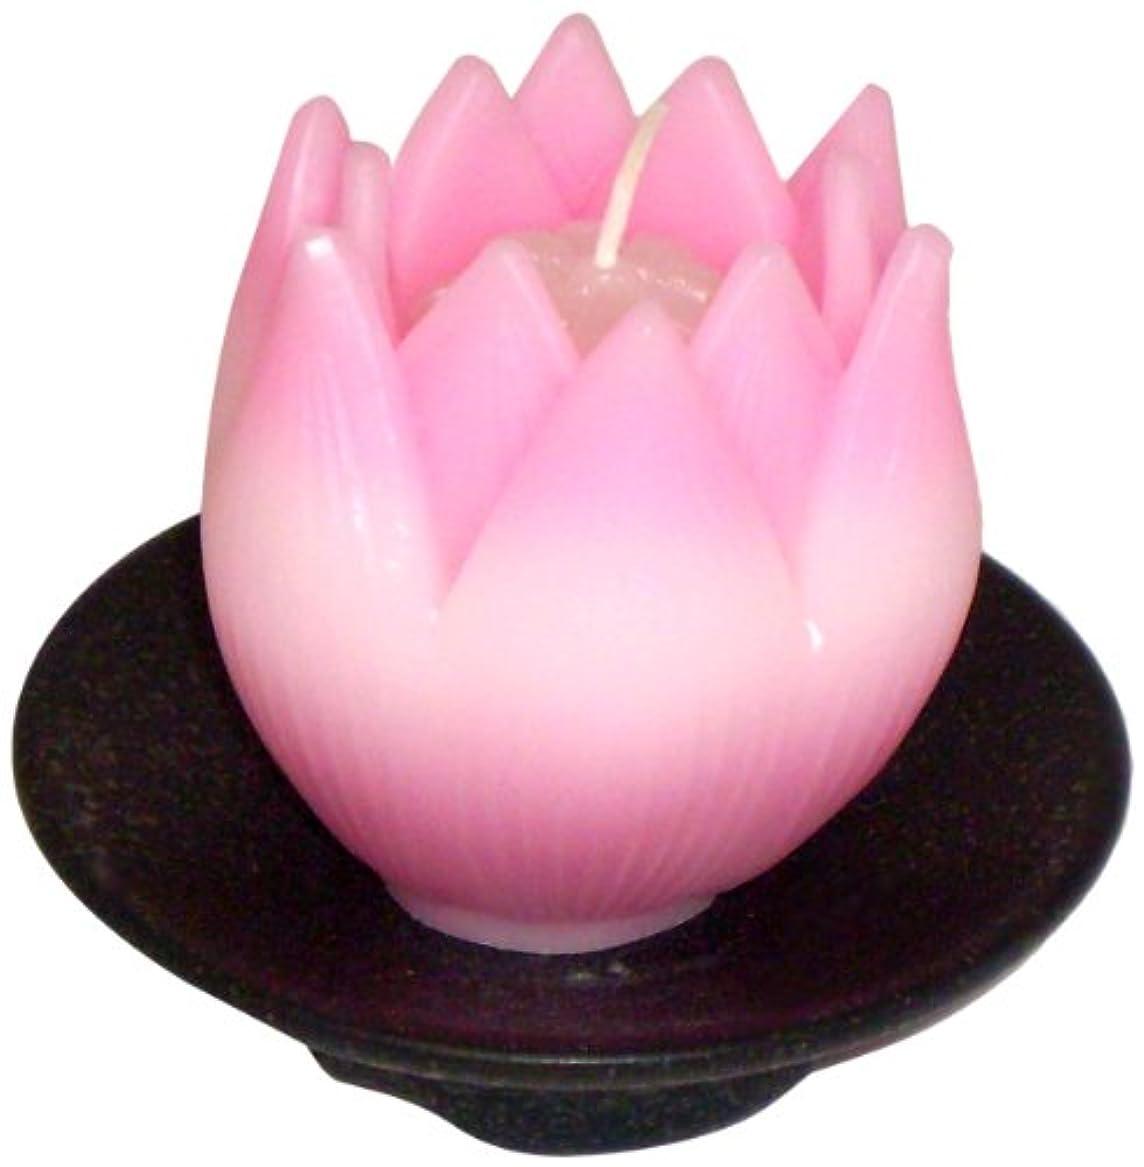 通行料金ジュラシックパークゼリー東海製蝋のろうそく リリィ 器付き ピンク